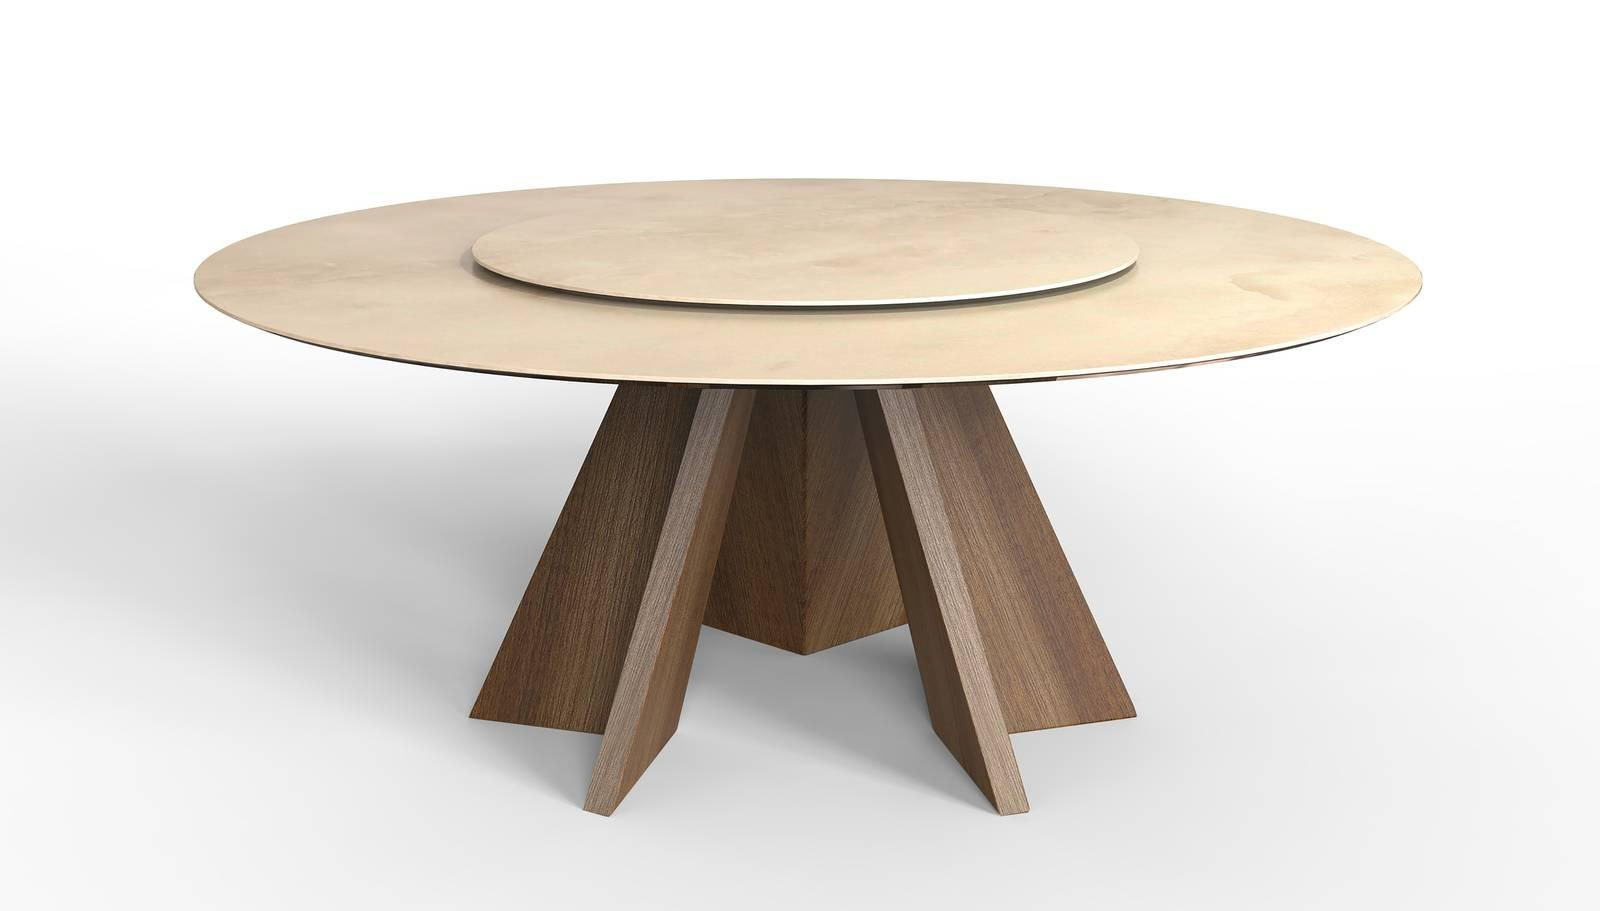 I nuovi tavoli con finiture sempre un po 39 speciali dal - Calligaris tavolo rotondo ...